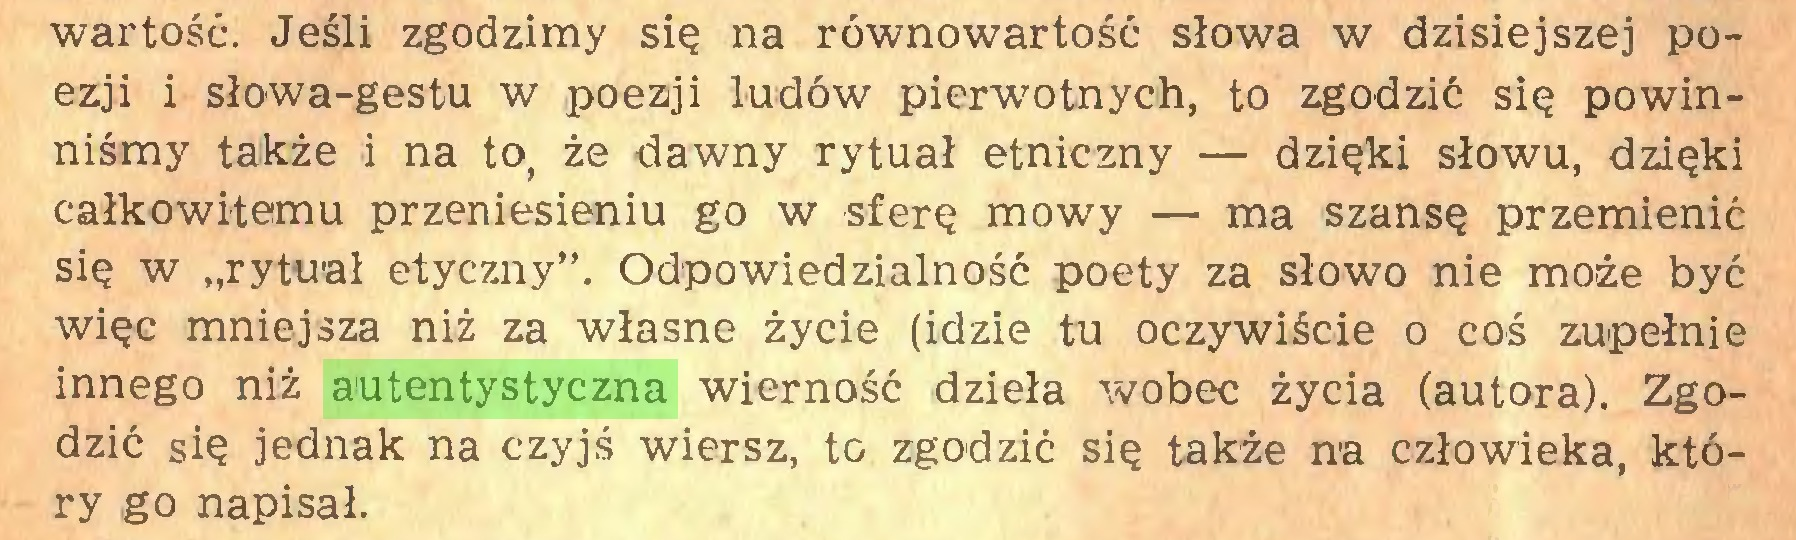 """(...) wartość. Jeśli zgodzimy się na równowartość słowa w dzisiejszej poezji i słowa-gestu w poezji ludów pierwotnych, to zgodzić się powinniśmy także i na to, że dawny rytuał etniczny — dzięki słowu, dzięki całkowitemu przeniesieniu go w sferę mowy — ma szansę przemienić się w """"rytuał etyczny"""". Odpowiedzialność poety za słowo nie może być więc mniejsza niż za własne życie (idzie tu oczywiście o coś zupełnie innego niż autentystyczna wierność dzieła wobec życia (autora). Zgodzić się jednak na czyjś wiersz, to zgodzić się także na człowieka, który go napisał..."""